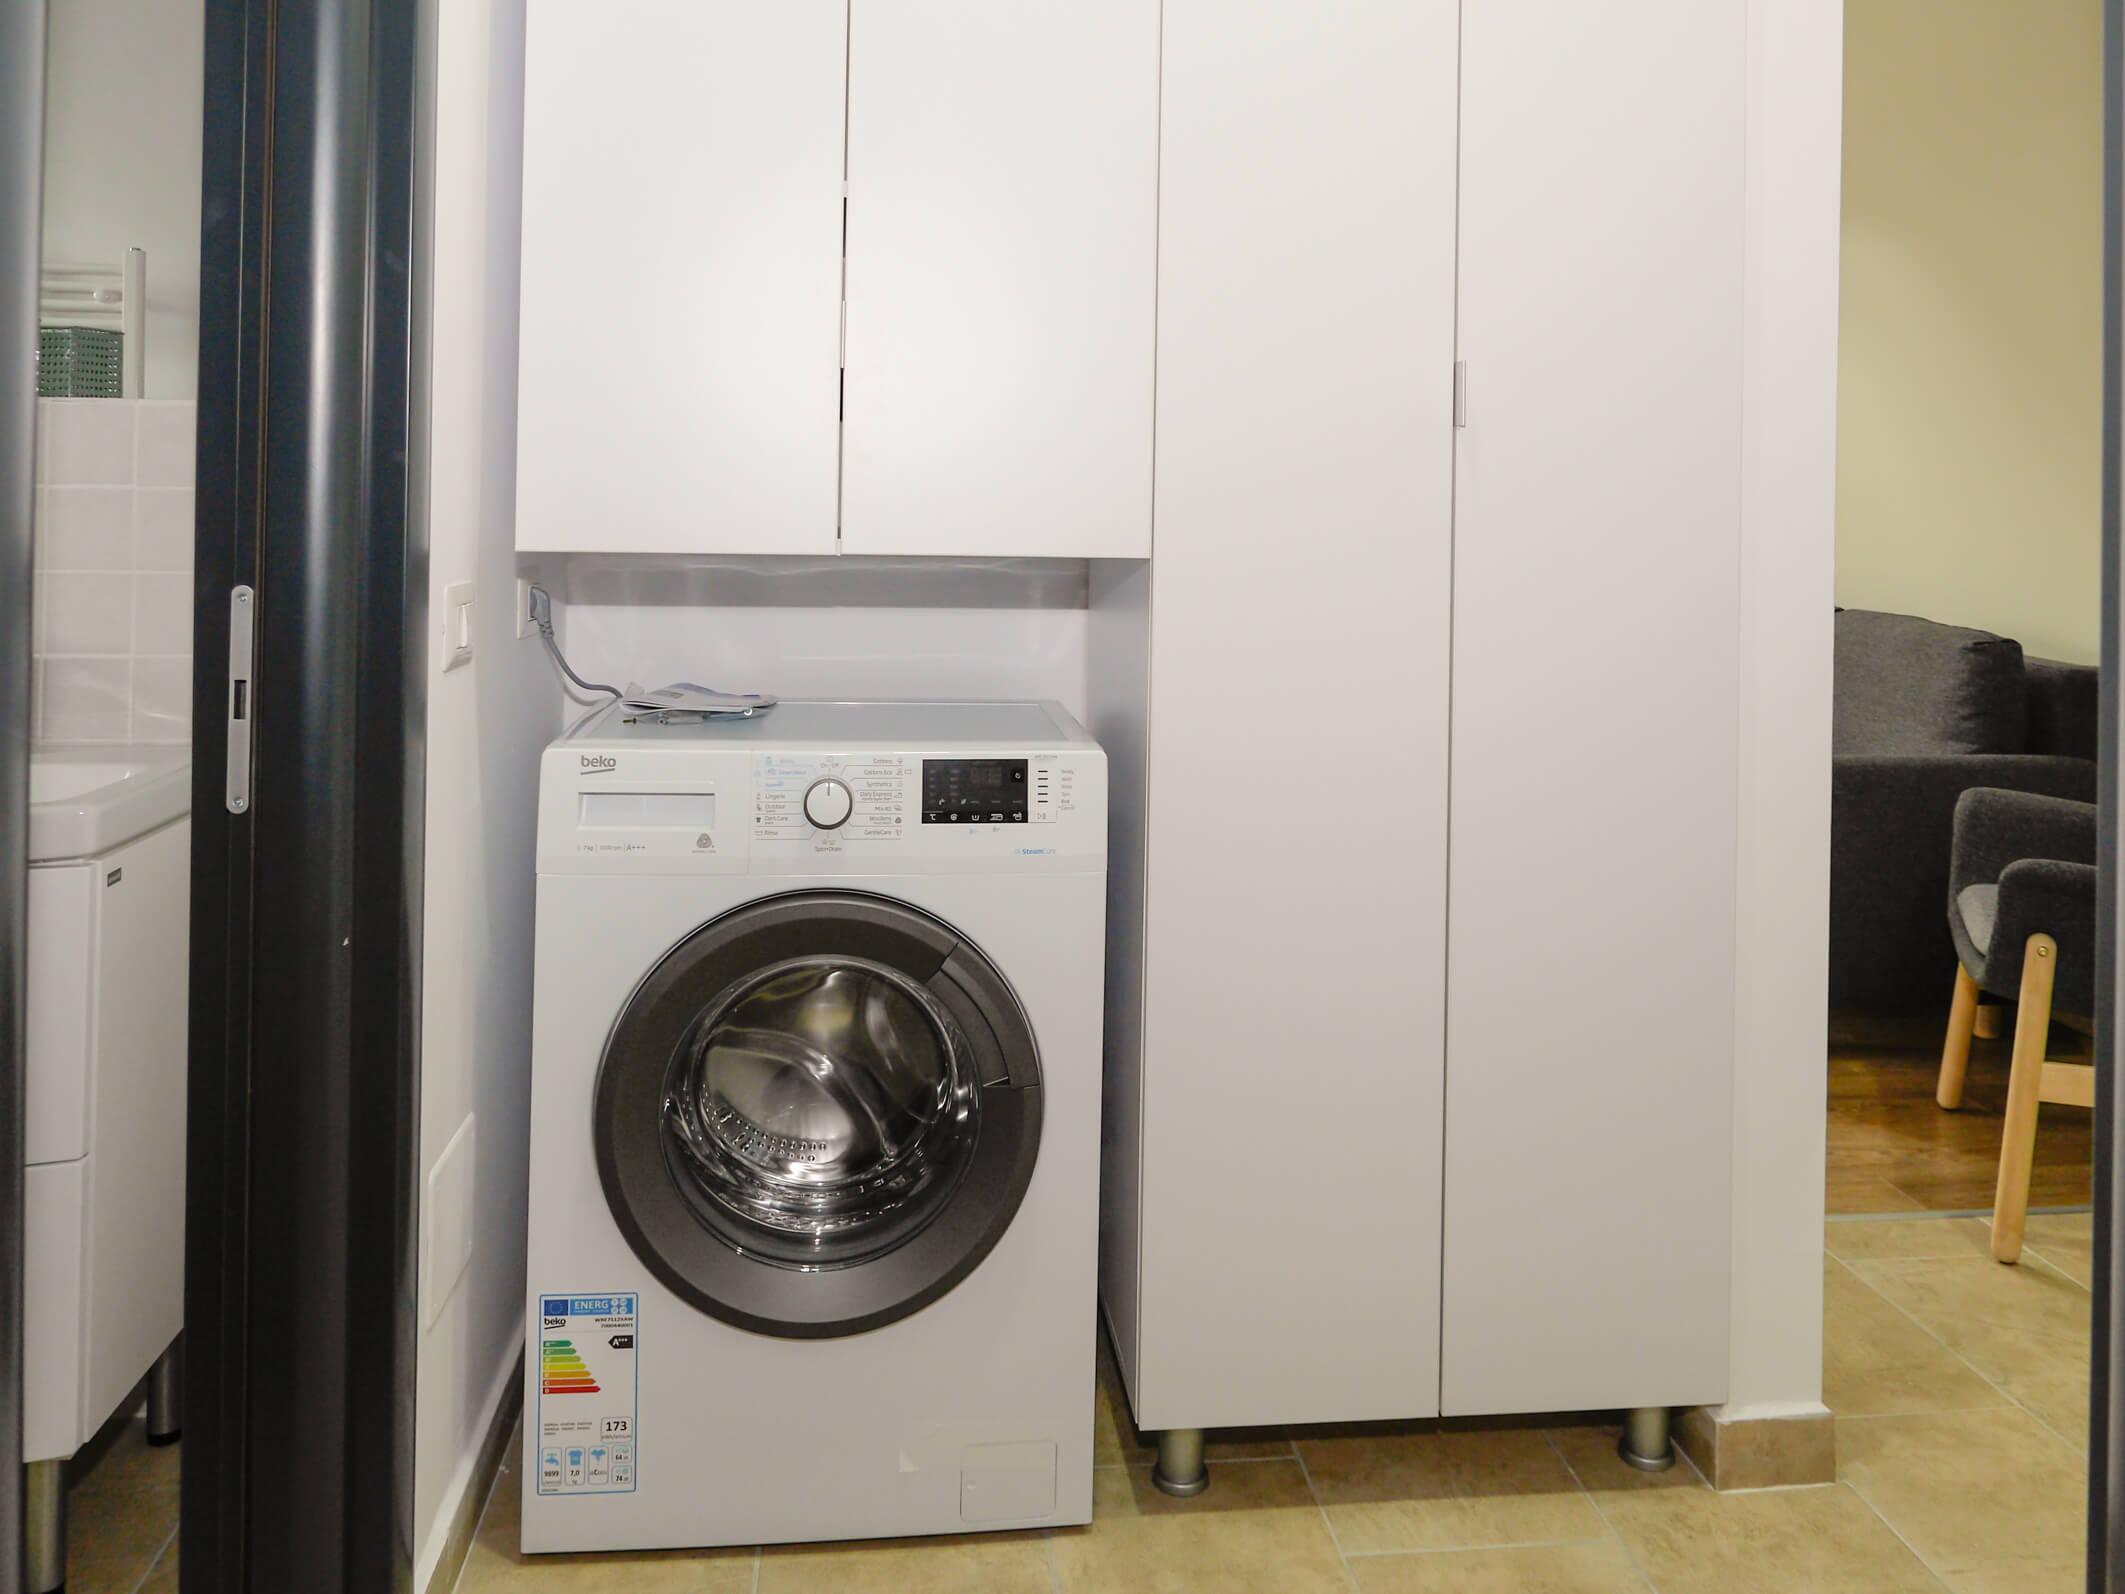 Clement Apartments - apartamente de inchiriat in regim hotelier - cazare neamt - cazare piatra neamt - apartament 6 (7)